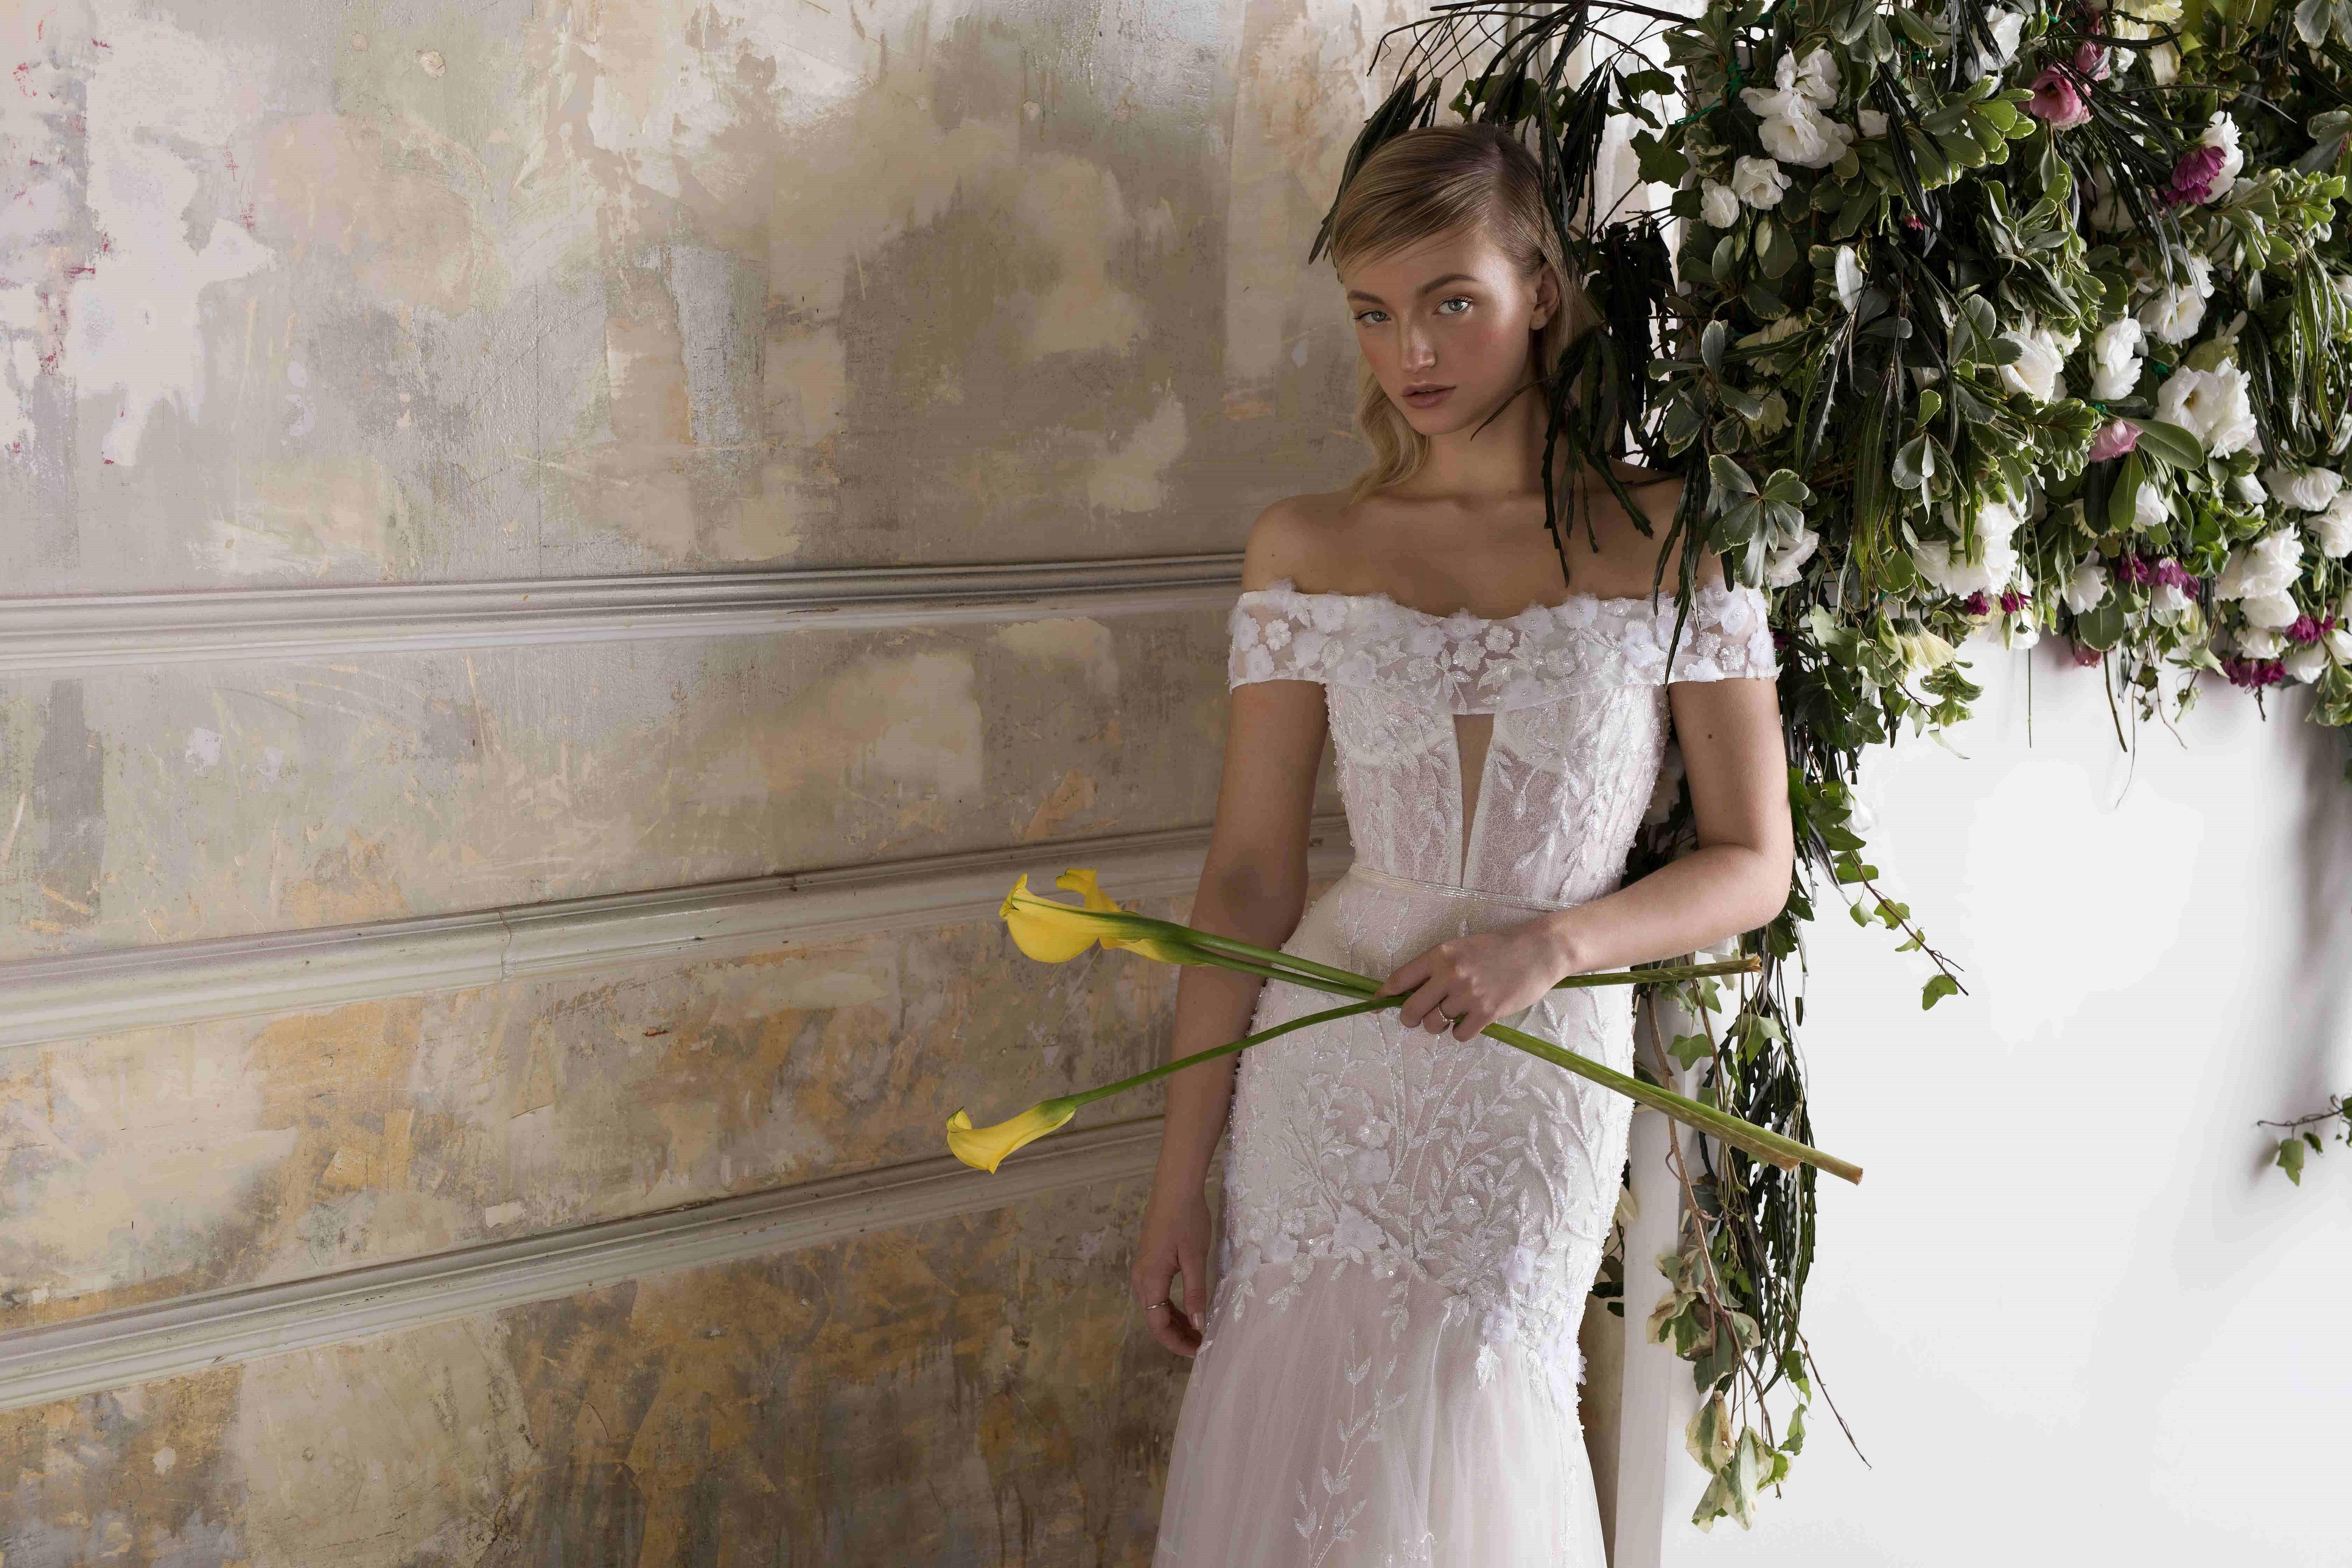 שמלת כלה או ערב: קולקציית 2019, שמלה בסגנון רומנטי, שמלה בסגנון קלאסי, שמלה בסגנון עדין, שמלה עם תחרה, שמלה עם מחוך, שמלה בצבע לבן, שמלת מקסי - לימור רוזן